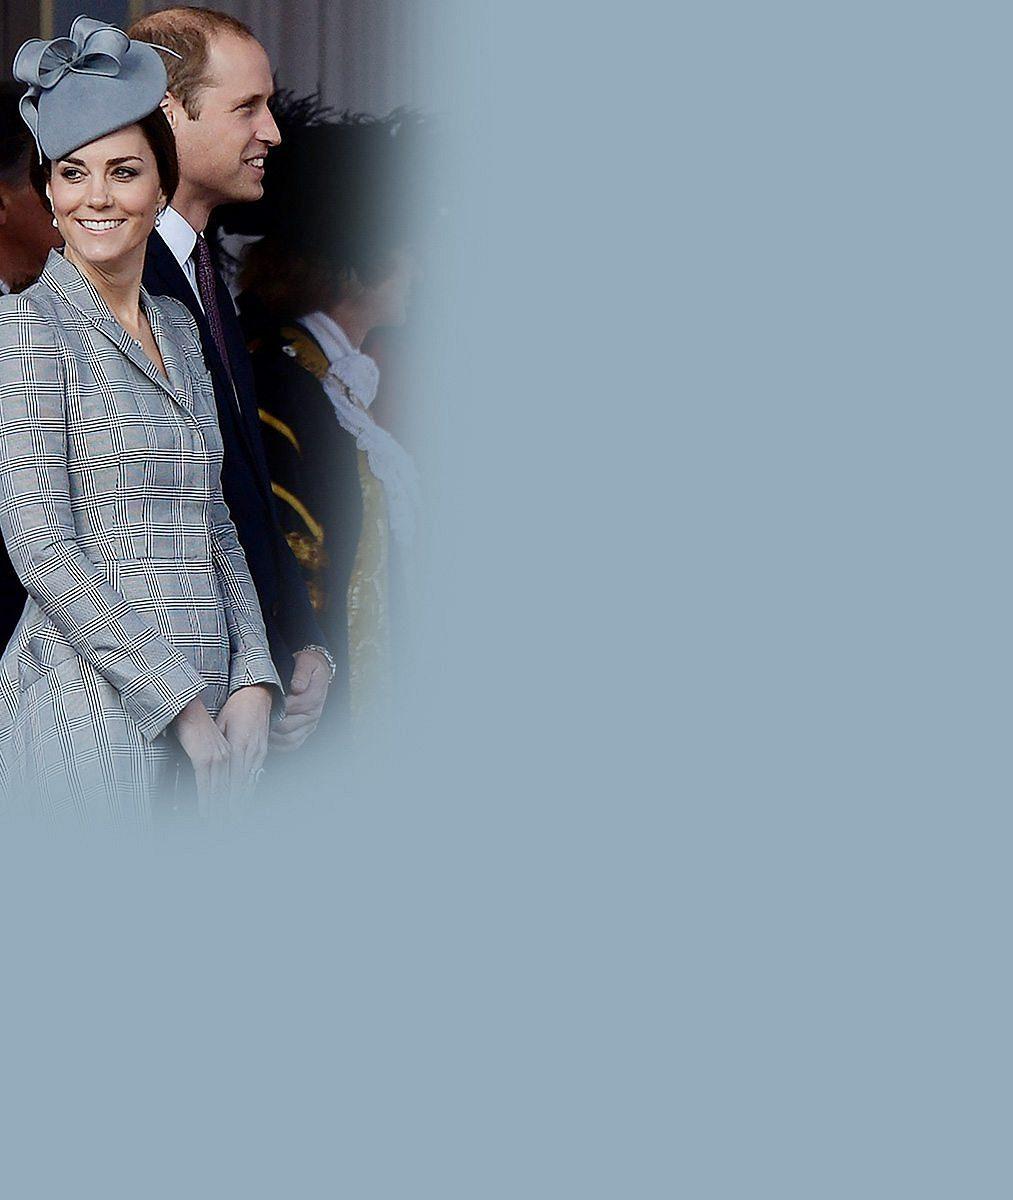 Vévodkyně Kate se poprvé od oznámení těhotenství představila na veřejnosti. S nezvyklým účesem